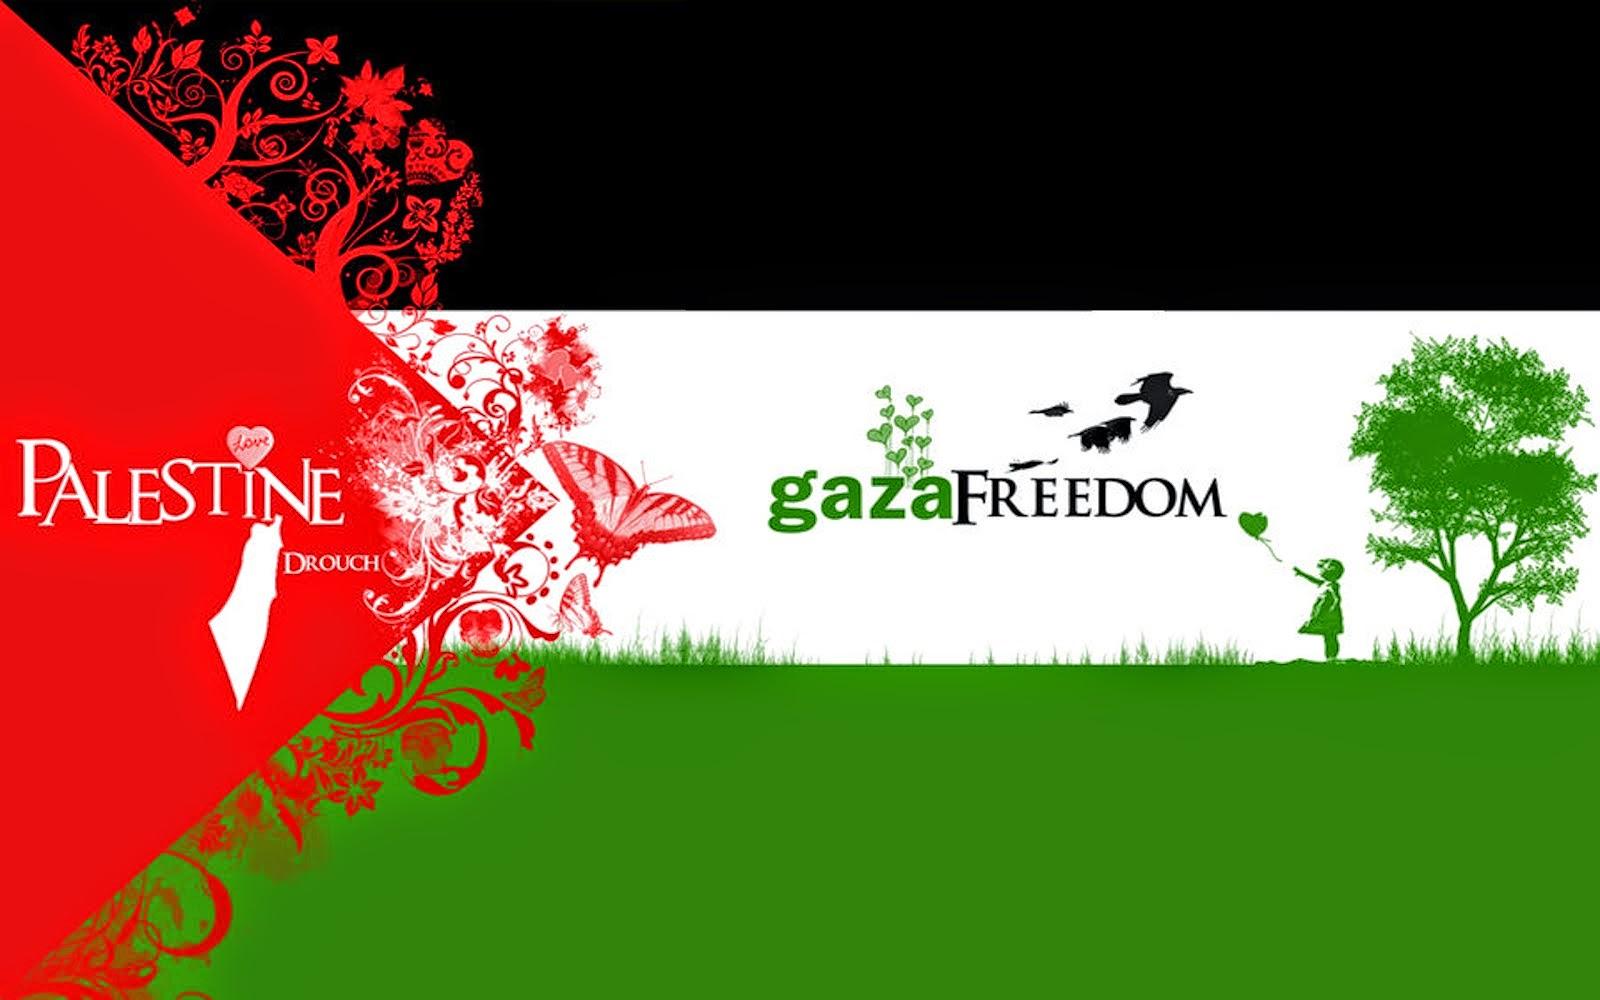 Israel Flag Wallpaper Hd Gambar Anak Anak Korban Di Gaza Palestina Aspal Putih